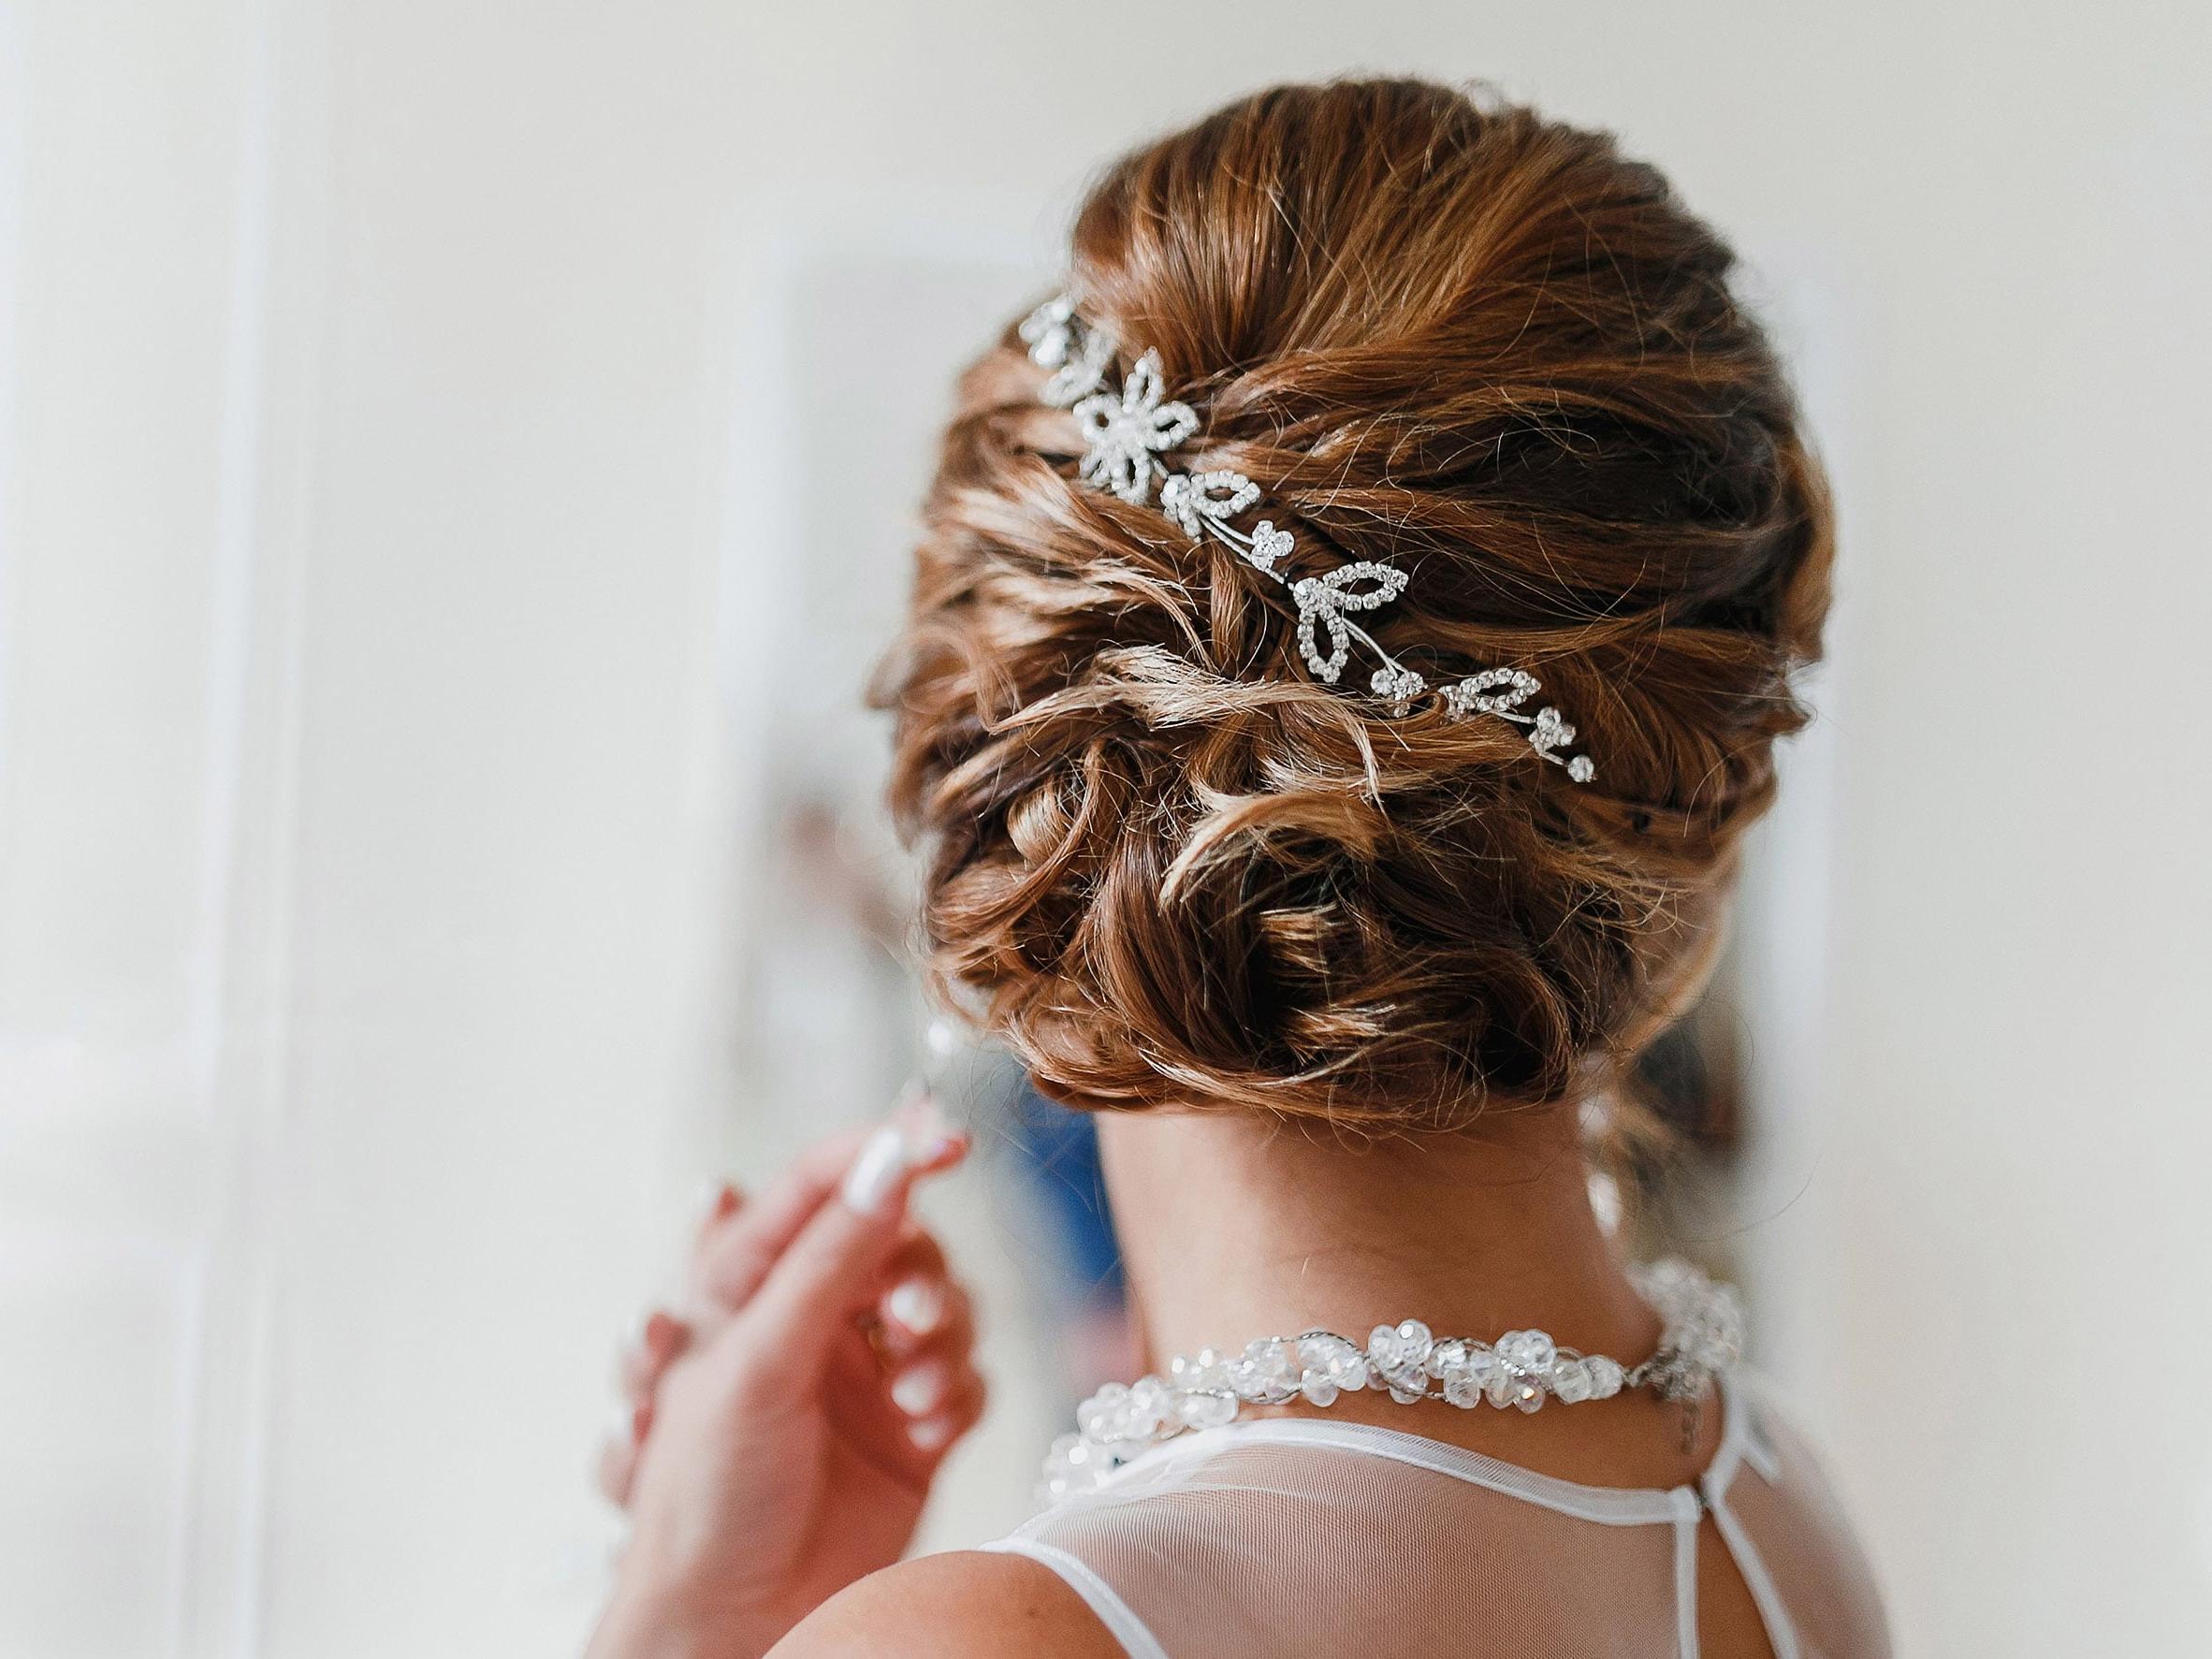 Coiffure attachée avec des bijoux - le choix parfait pour le jour de votre mariage